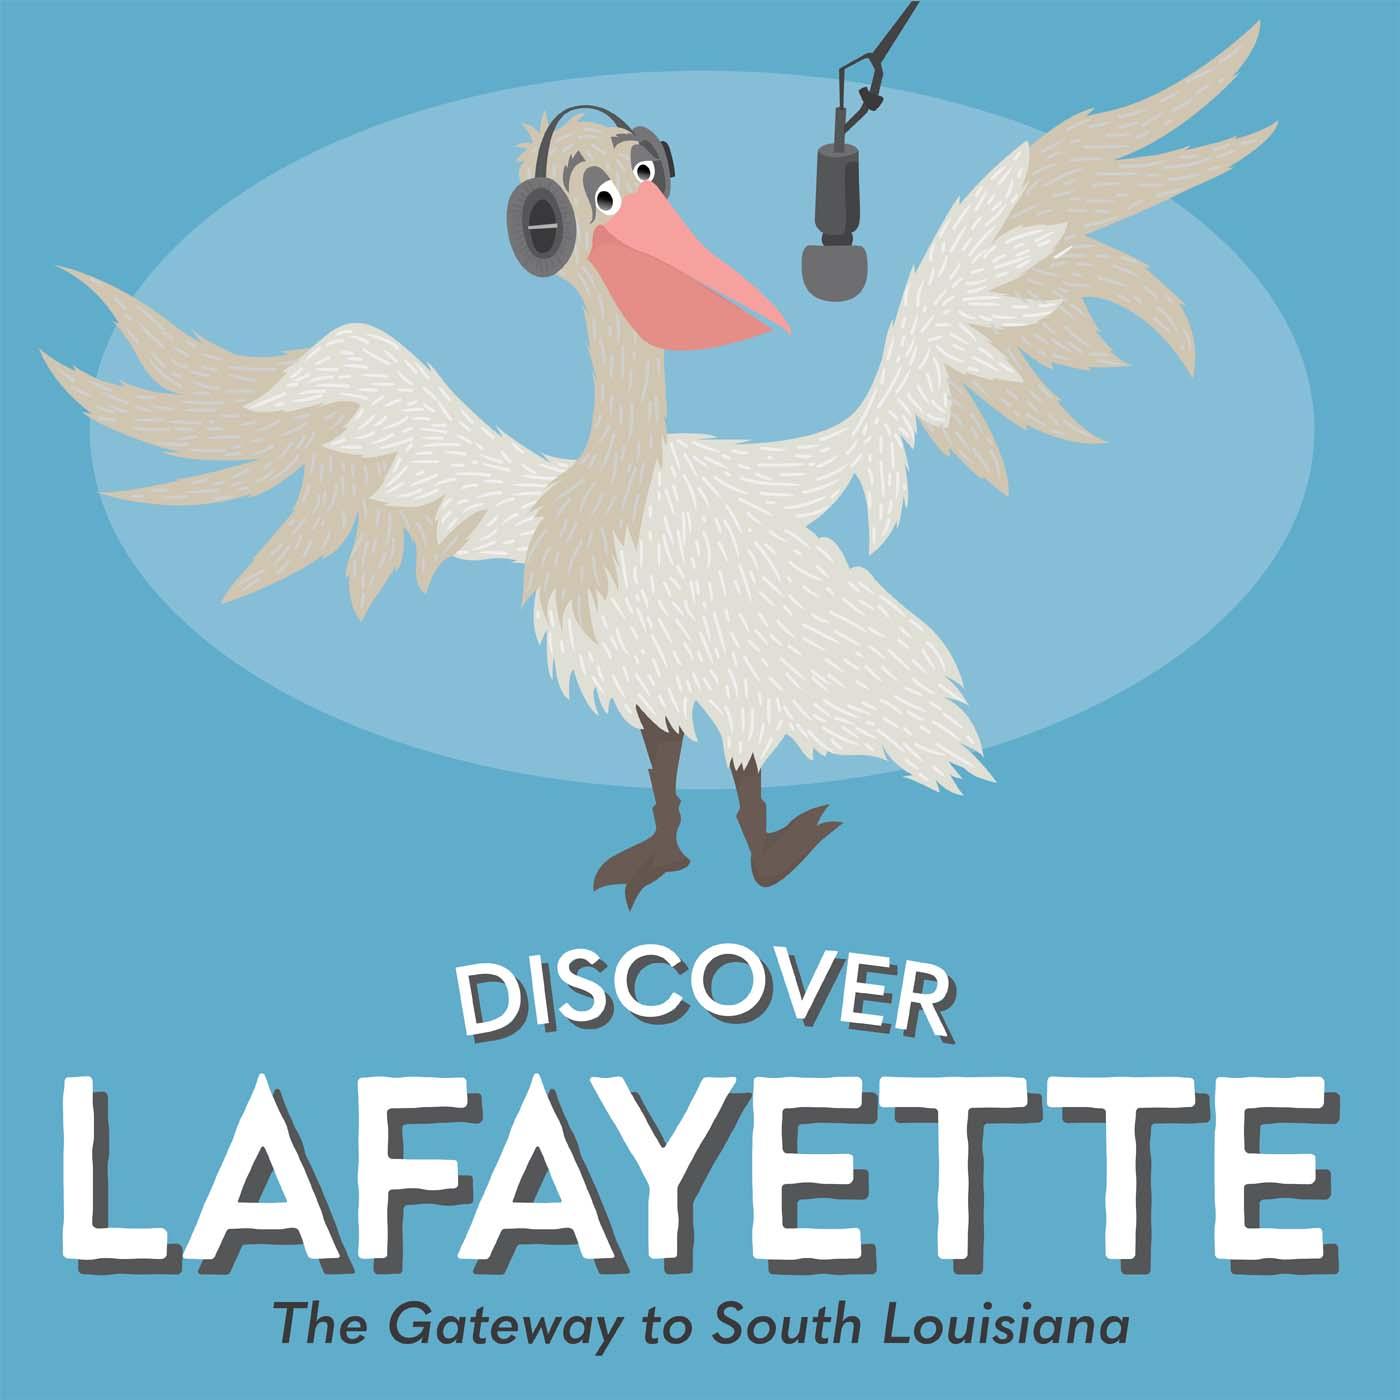 Discover Lafayette